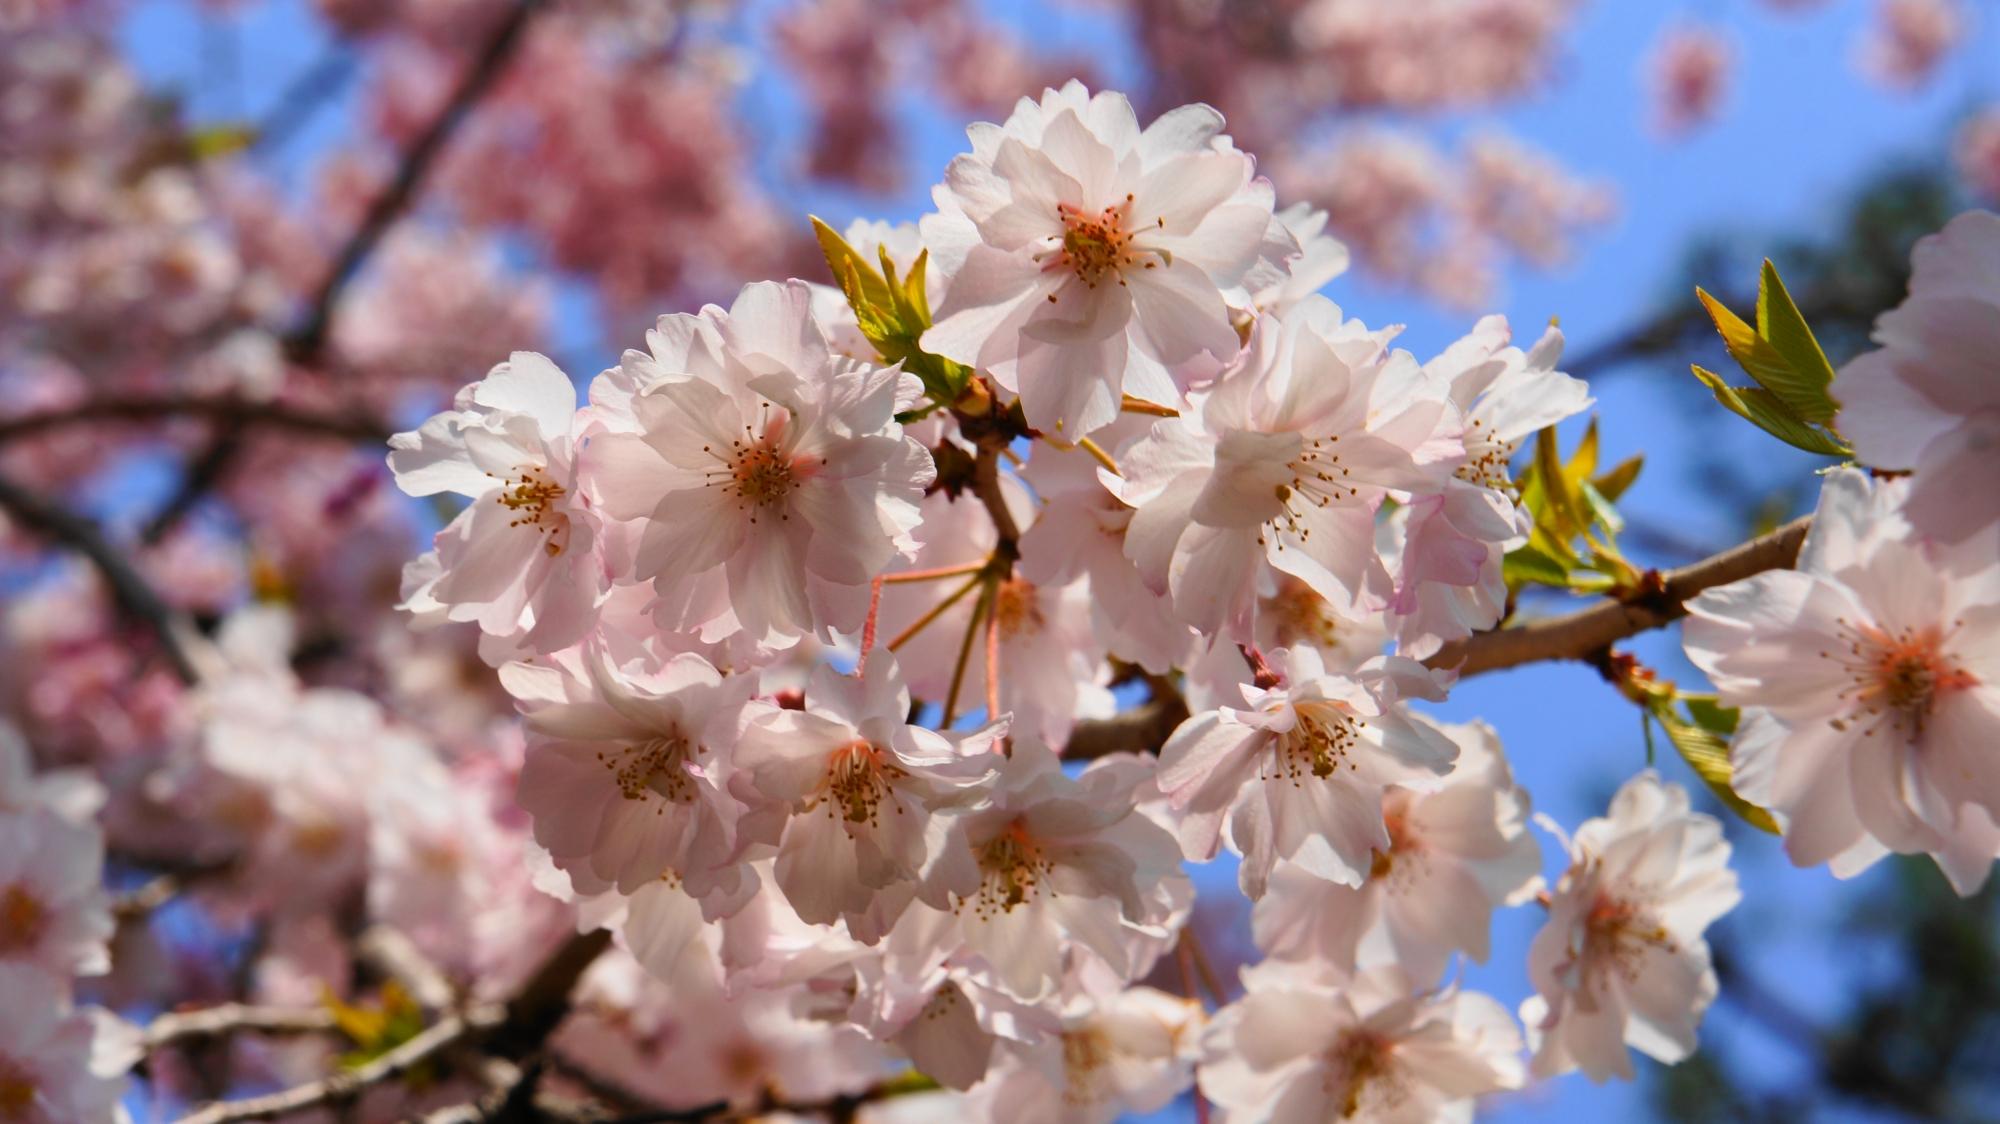 太陽に透けるような綺麗な花びら